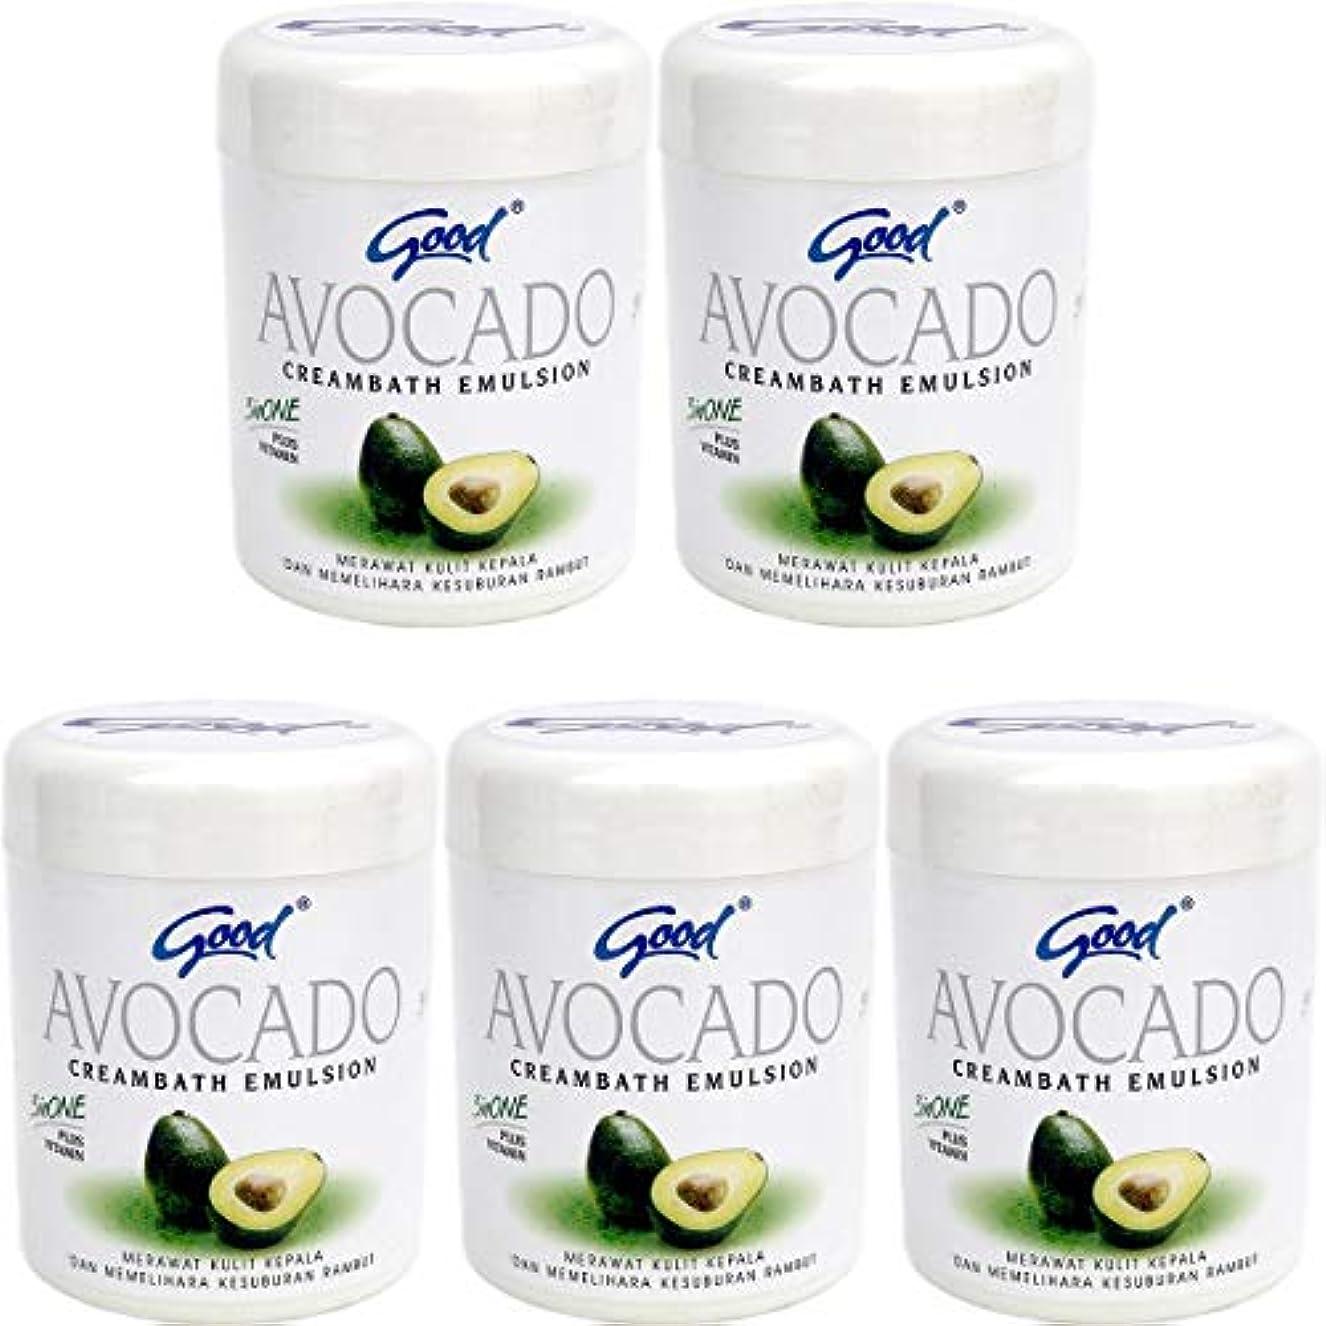 絶滅した毎週アイザックgood グッド インドネシアバリ島の伝統的なヘッドスパクリーム Creambath Emulsion クリームバス エマルション 680g × 5個 Avocado アボガド [海外直送品]